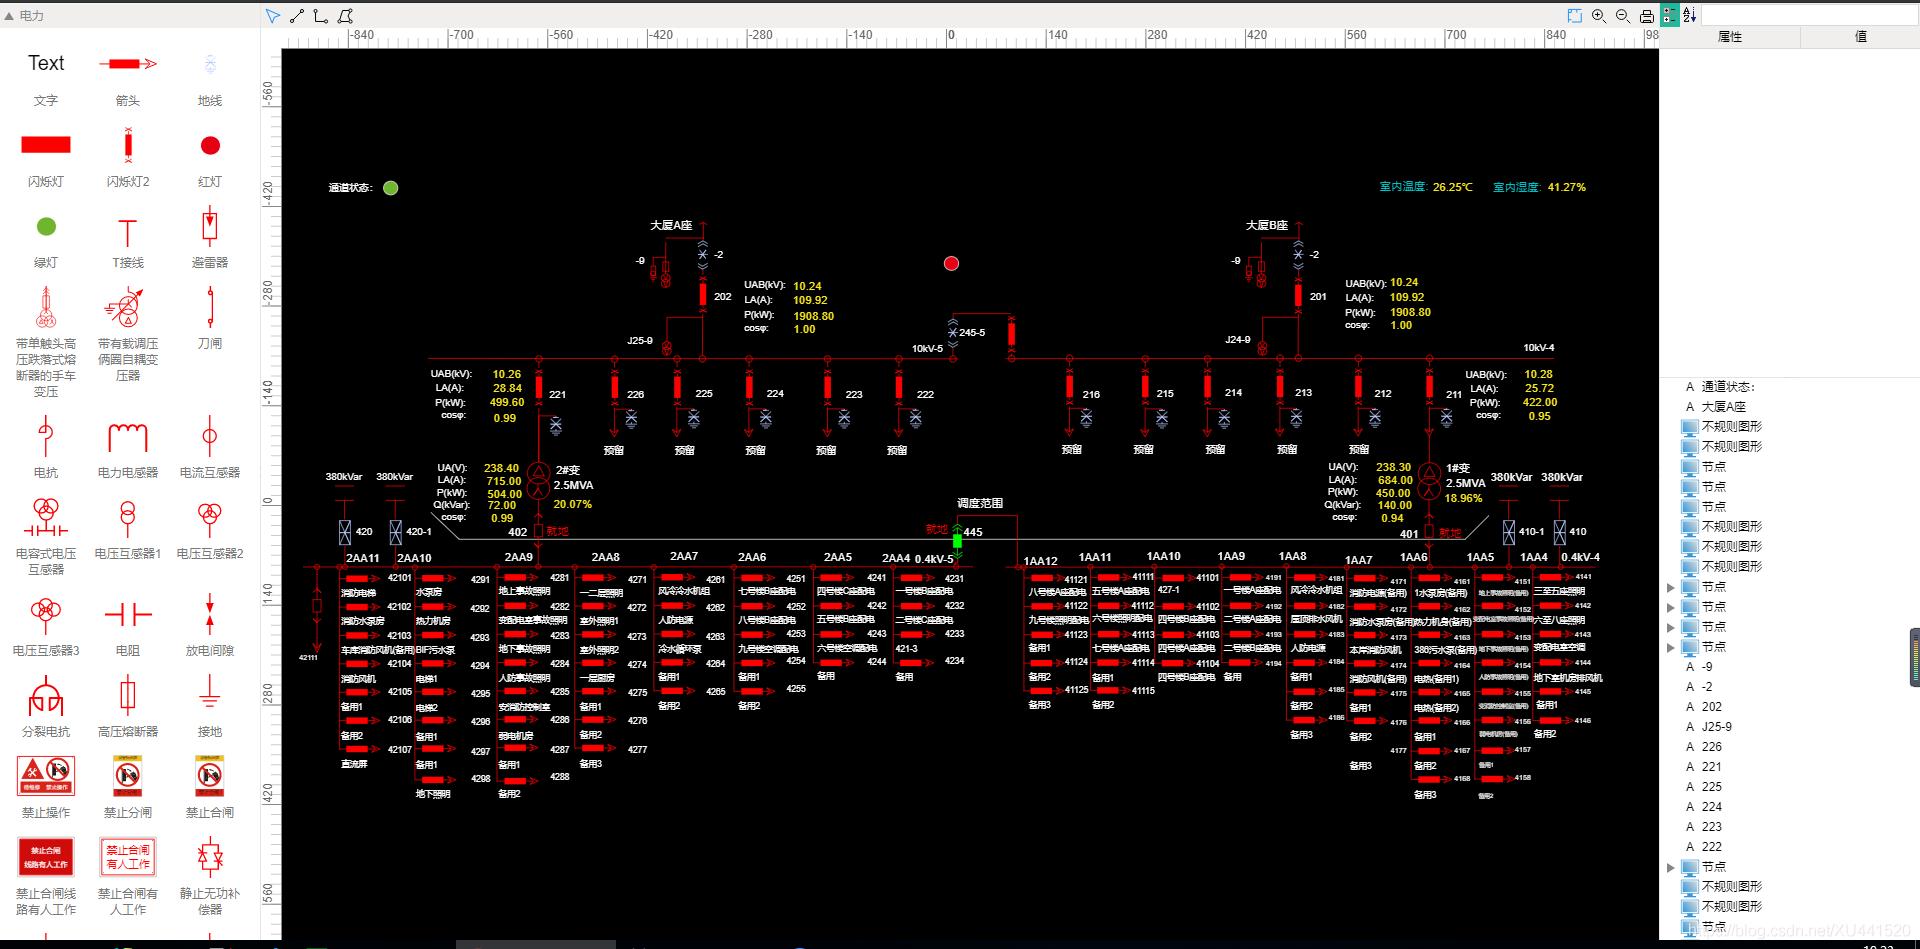 最火前端Web组态软件(可视化)